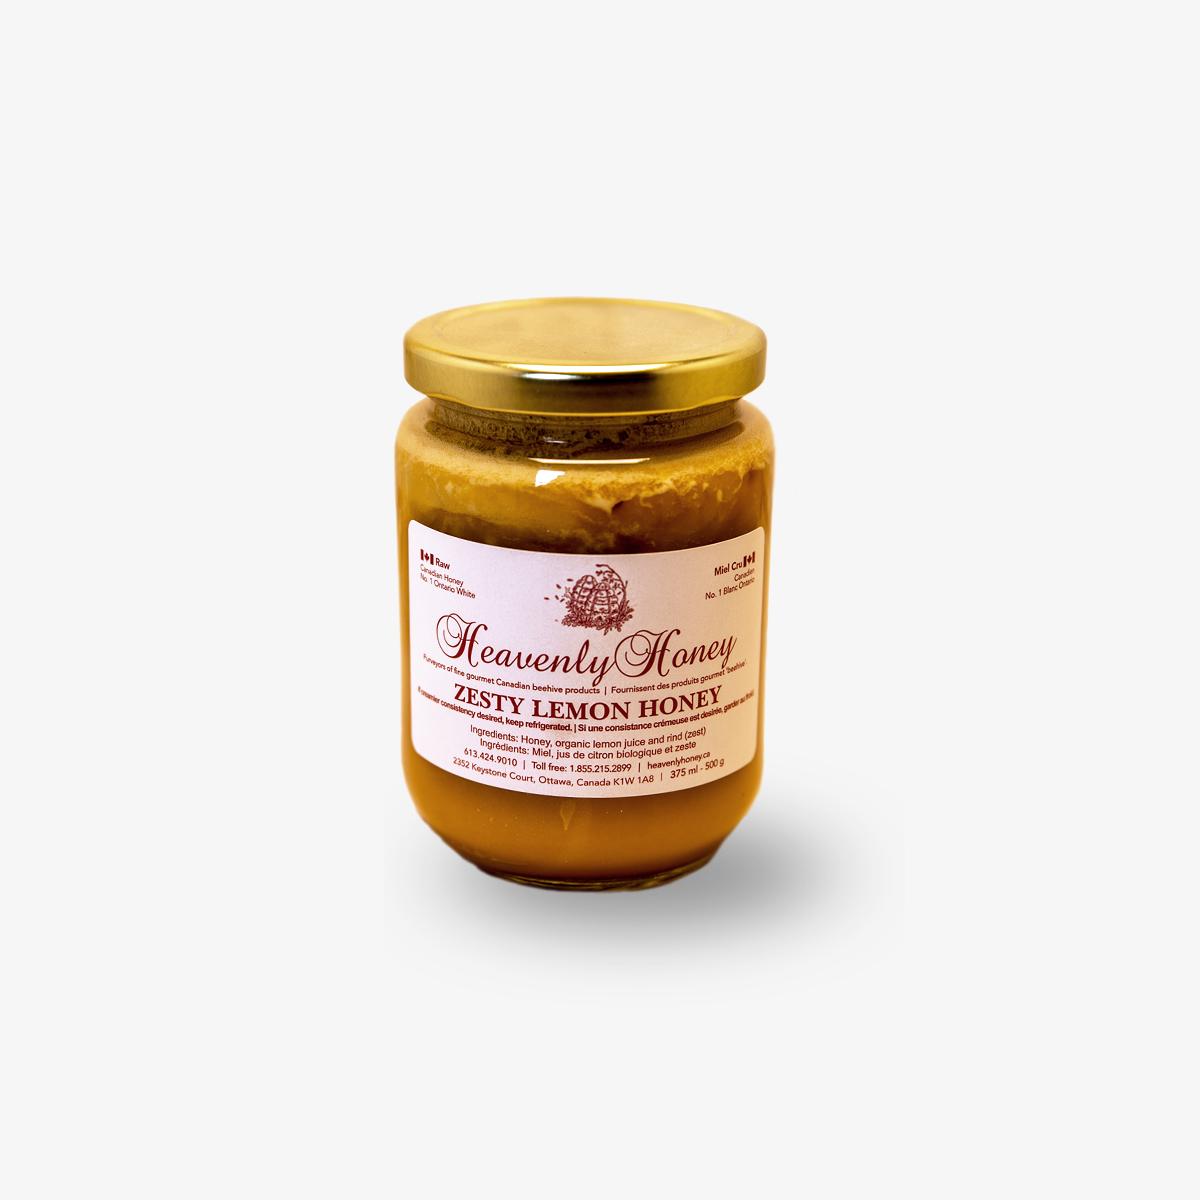 Heavenly Honey Lemon Zest Honey